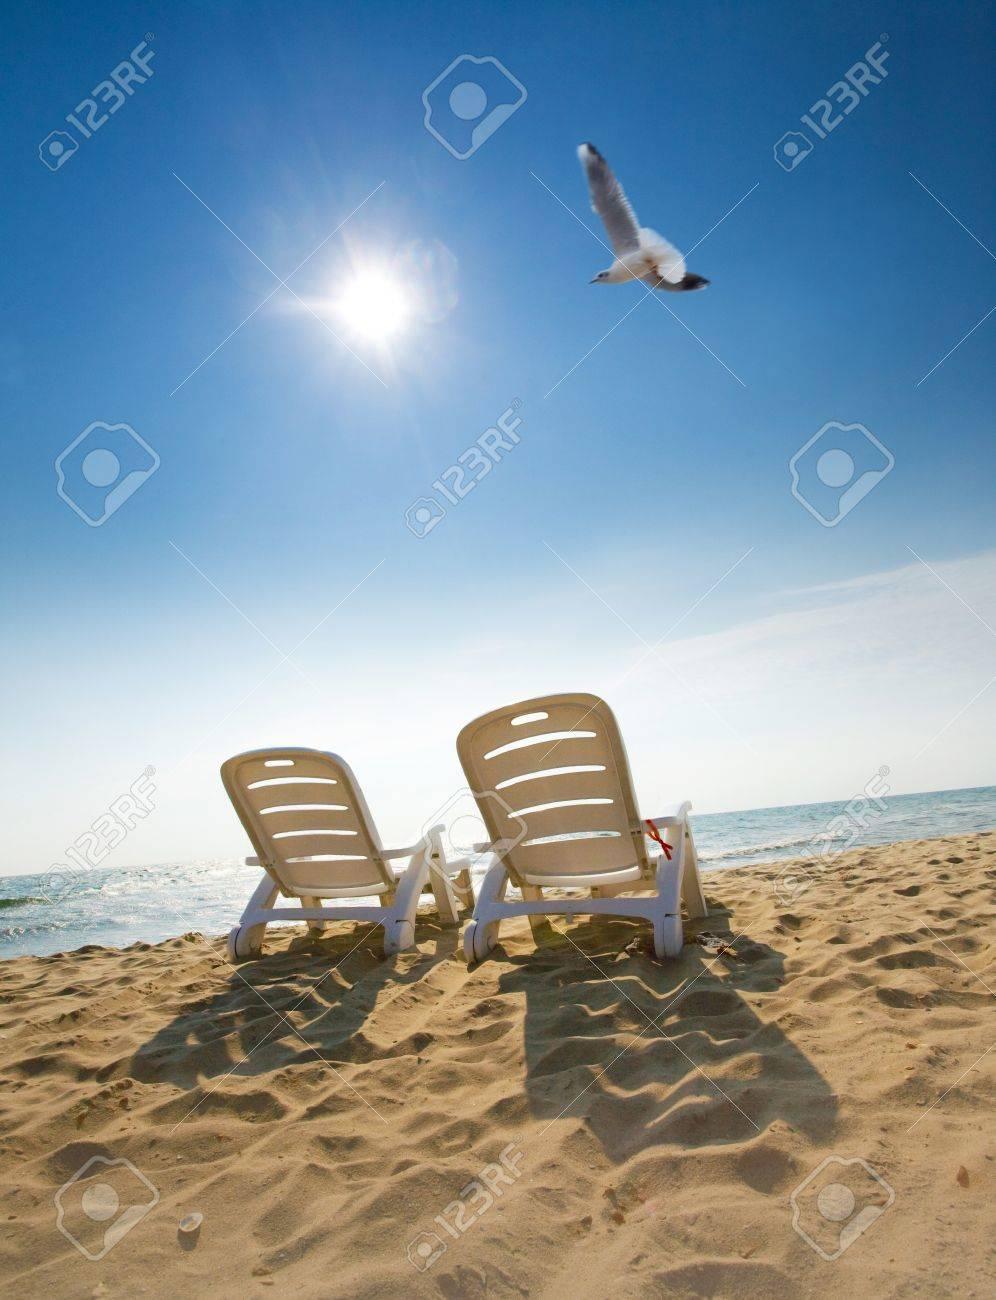 L'immagine attraente di due sedie e uccelli sulla spiaggia foto ...